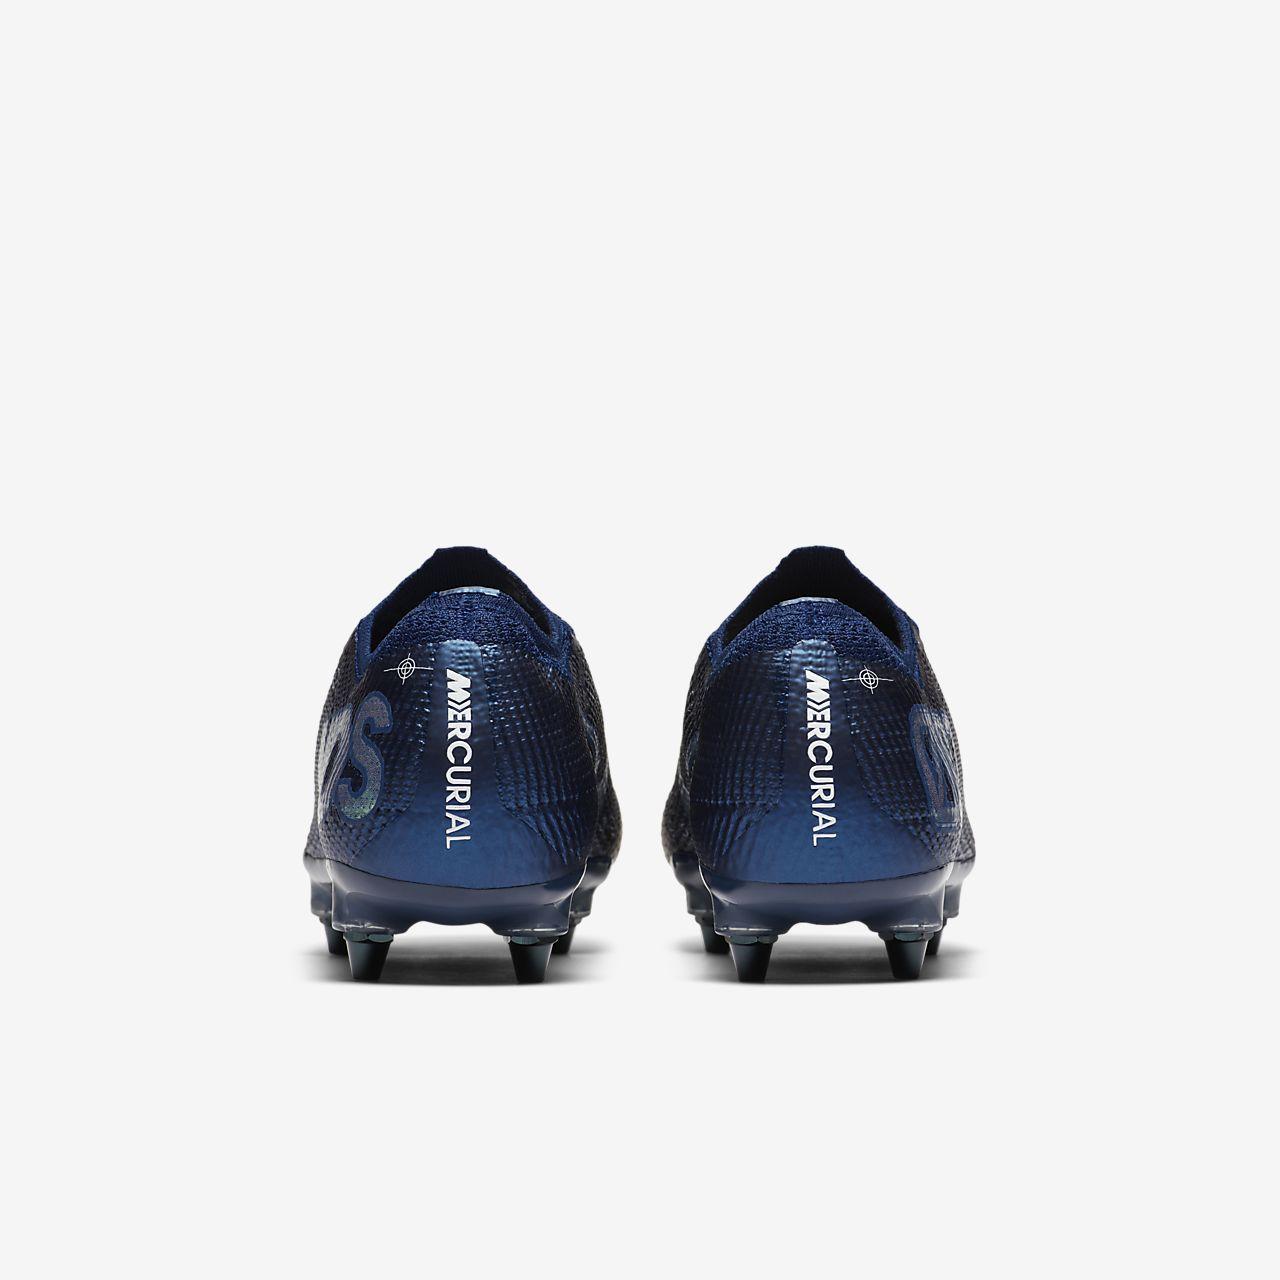 Chaussure de football à crampons pour terrain gras Nike Mercurial Vapor 13 Elite MDS SG PRO Anti Clog Traction